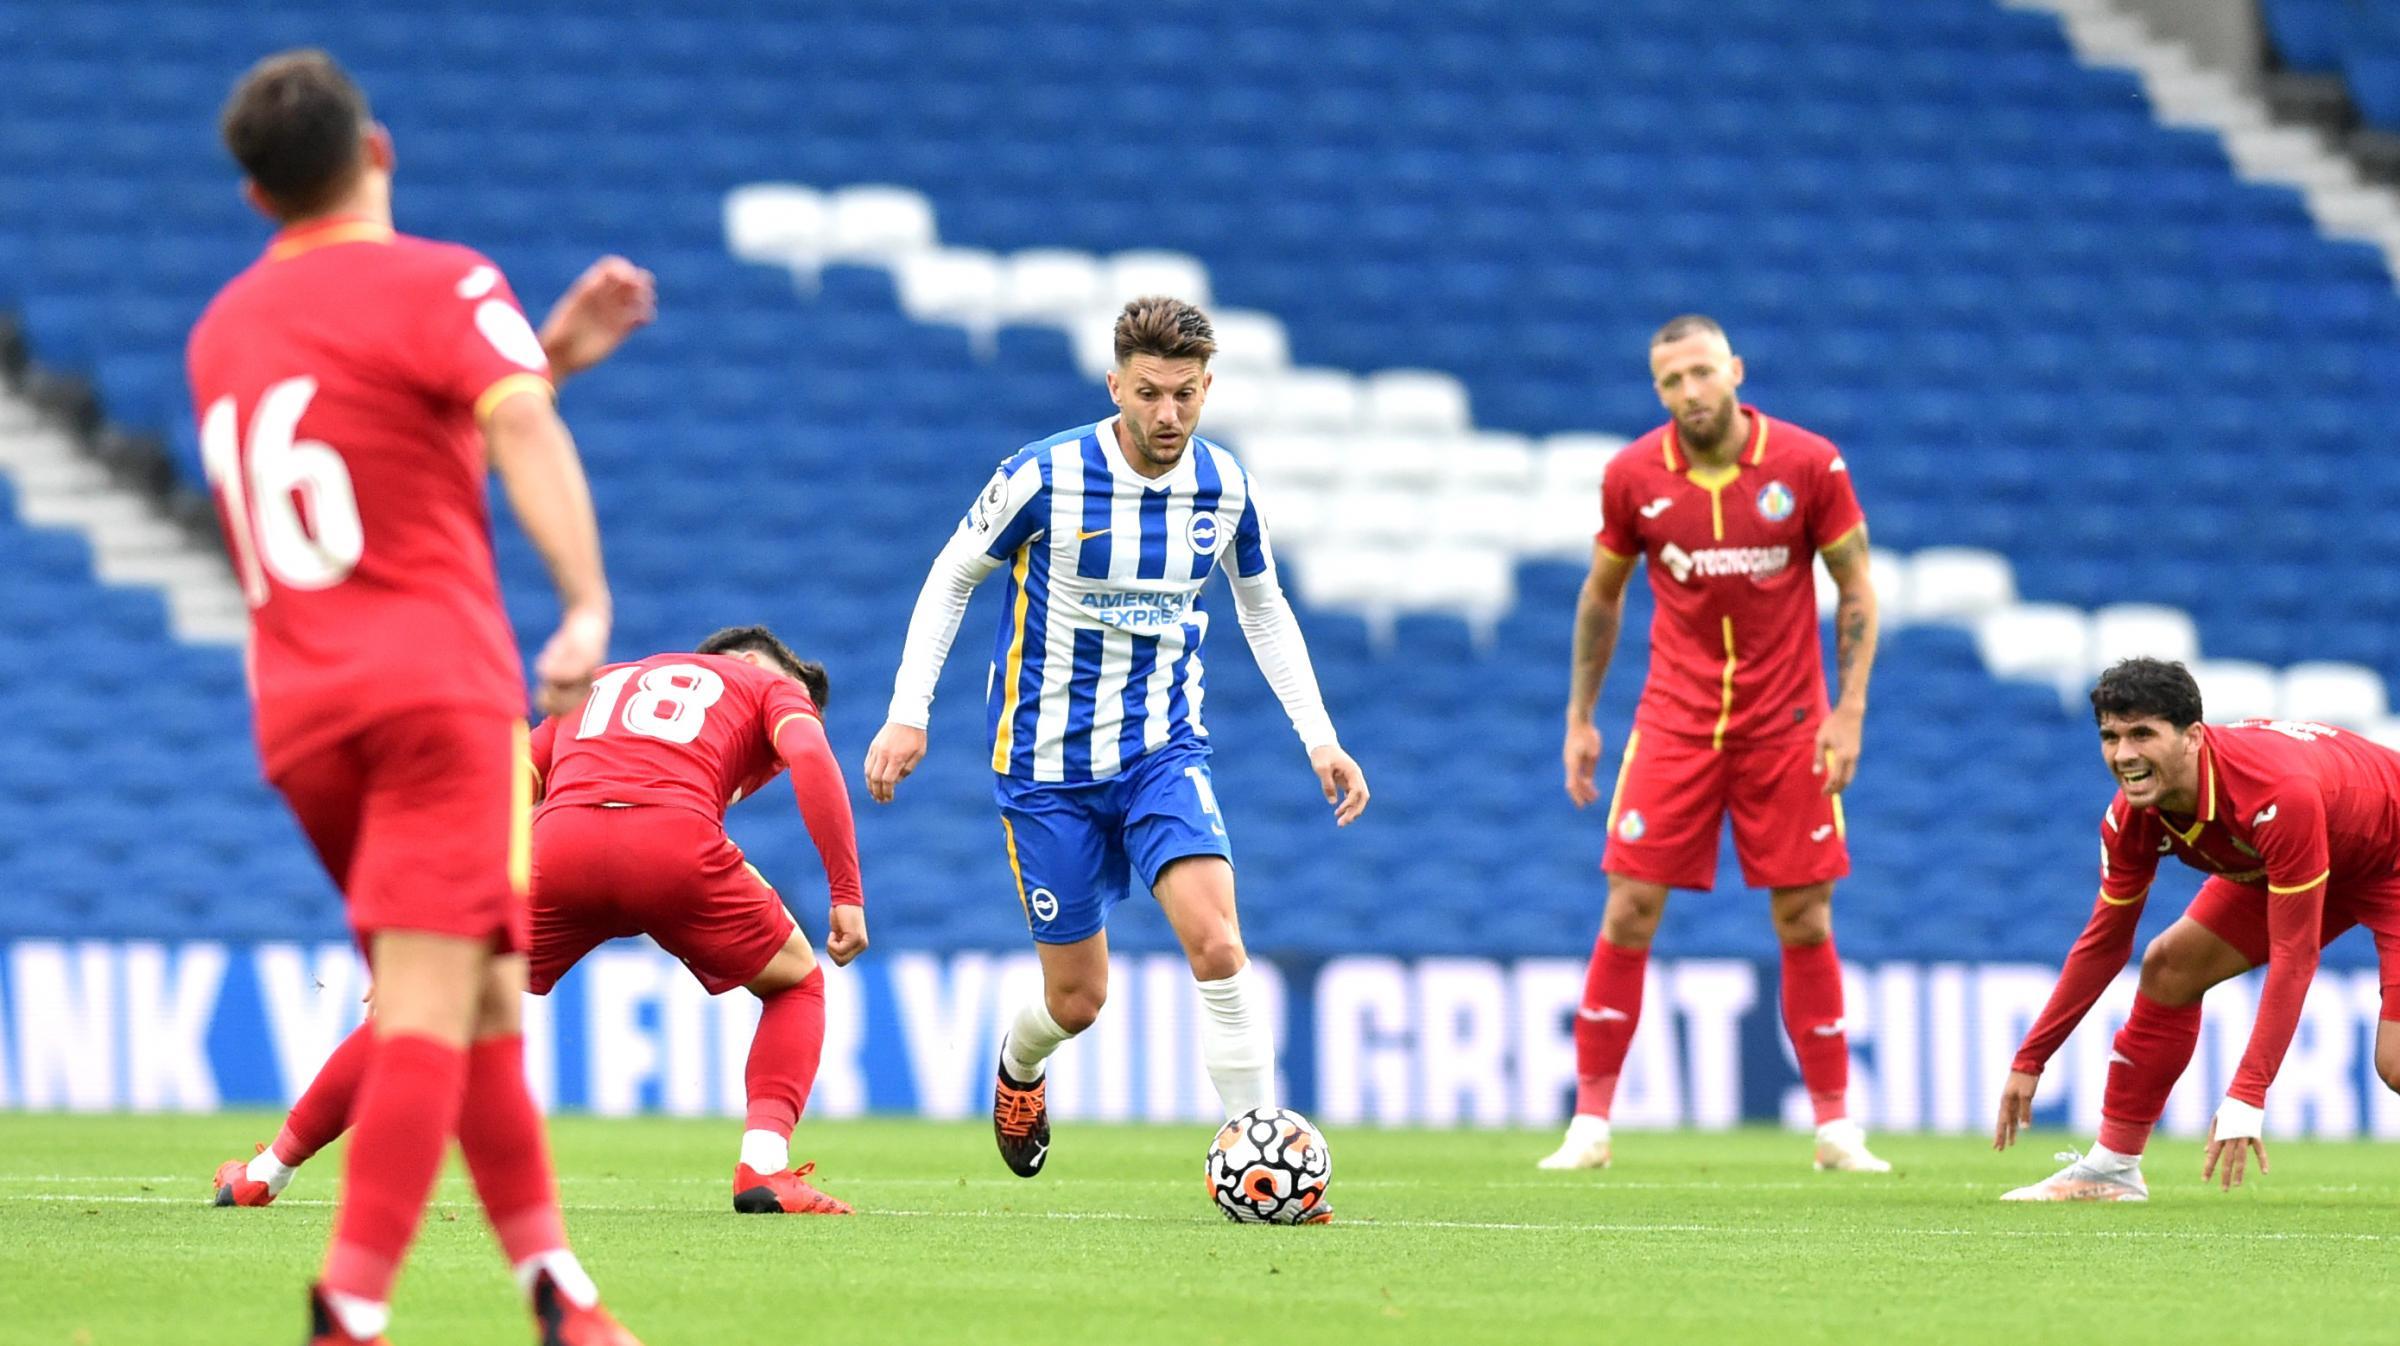 Brighton complete pre-season 2021 by losing to Getafe